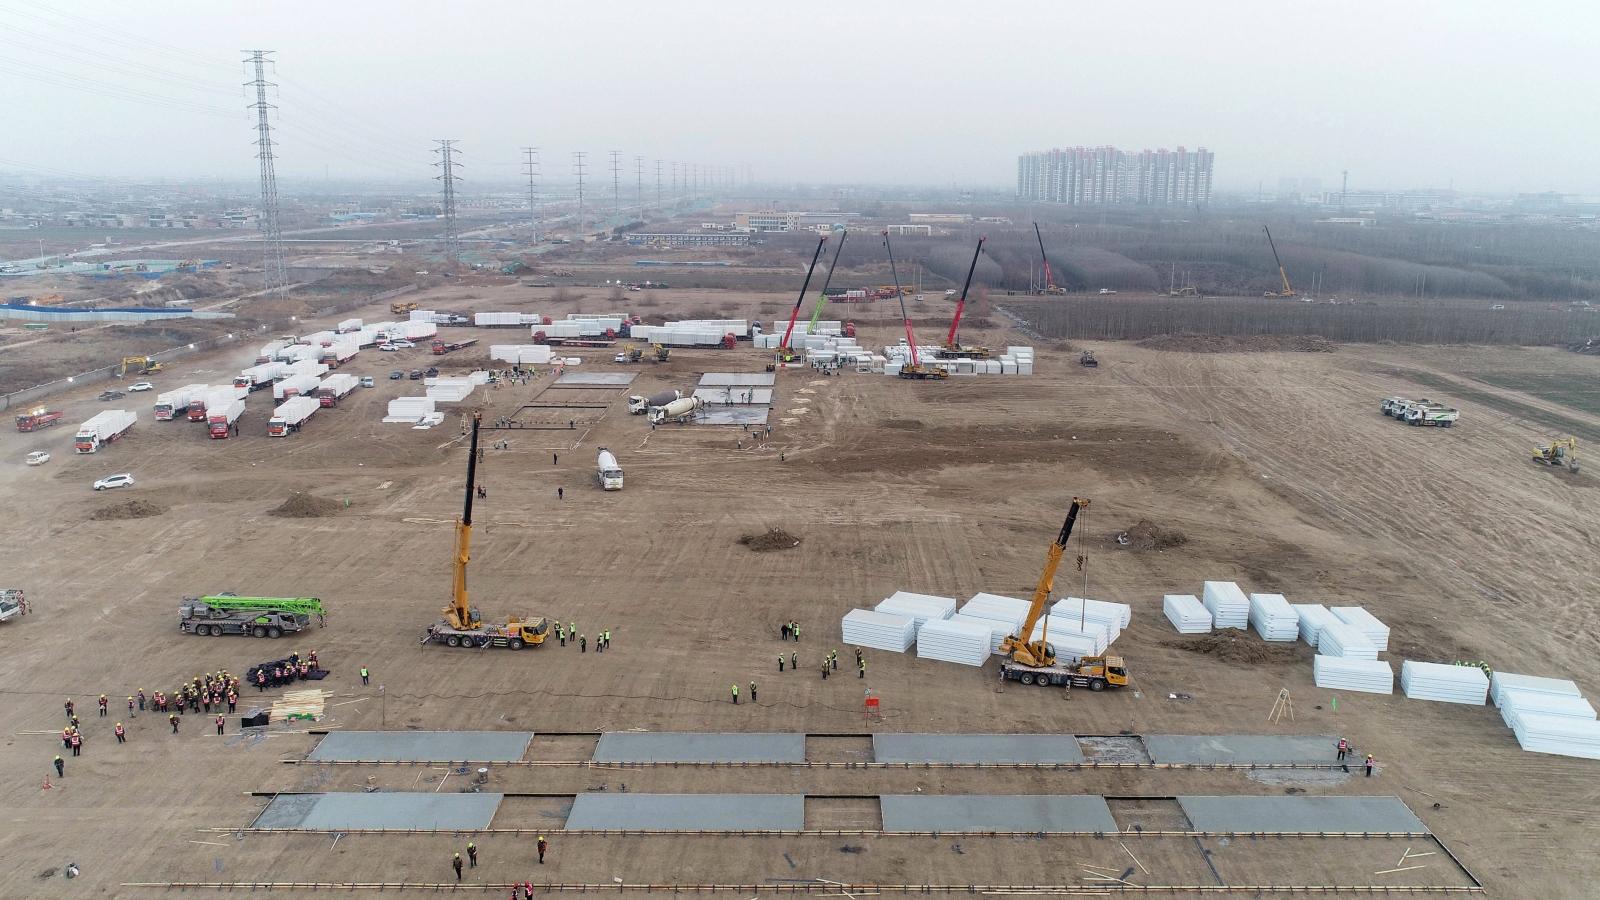 Thạch Gia Trang (Trung Quốc) gấp rút xây dựng trung tâm cách ly tập trung Covid-19